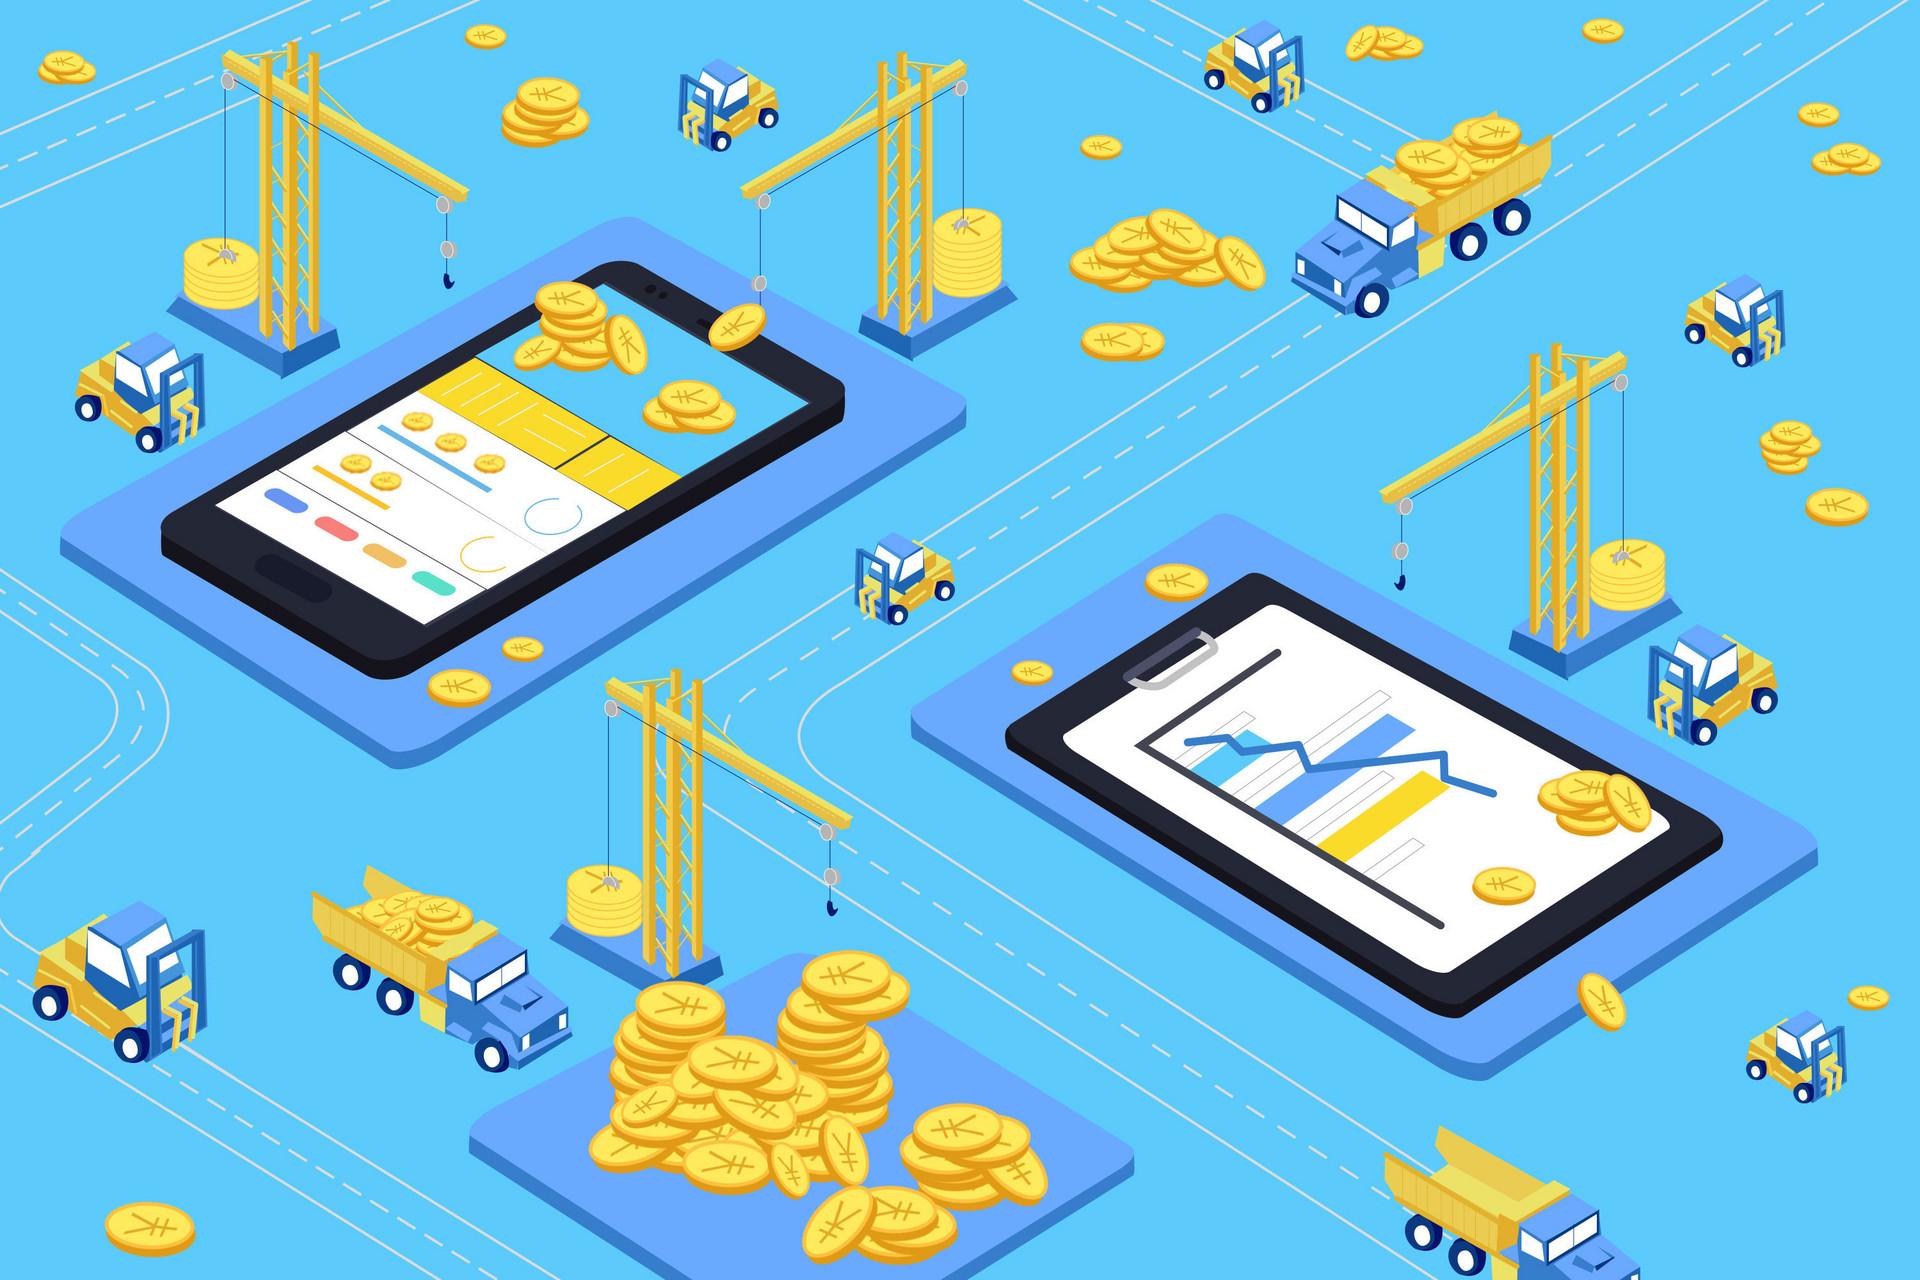 澳门在线网站大全群发工资条·极致好用的App!